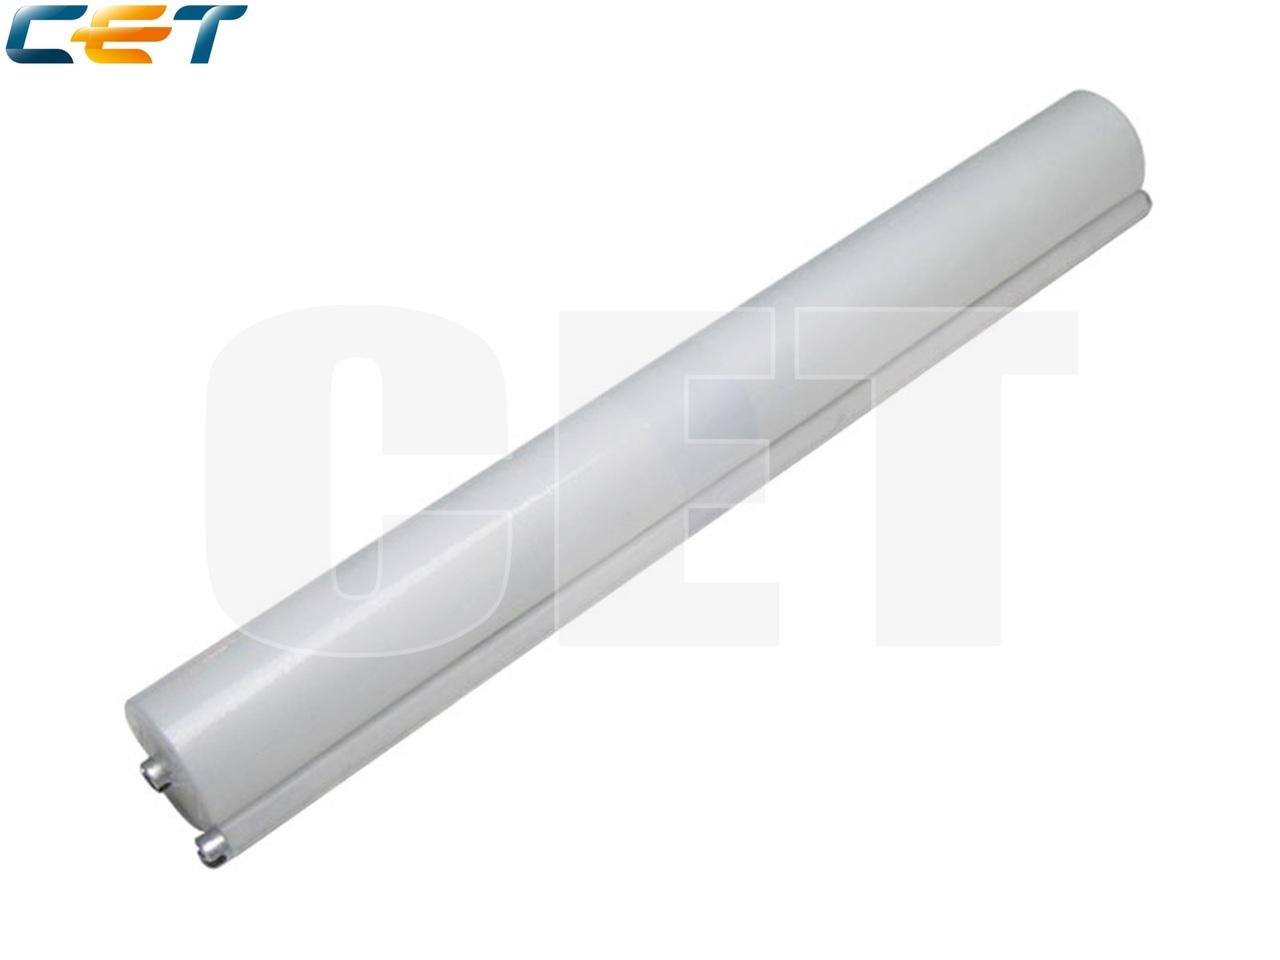 Чистящая лента фьюзера B140-4181 для RICOH Aficio2051/2060/2075 (CET), CET4099